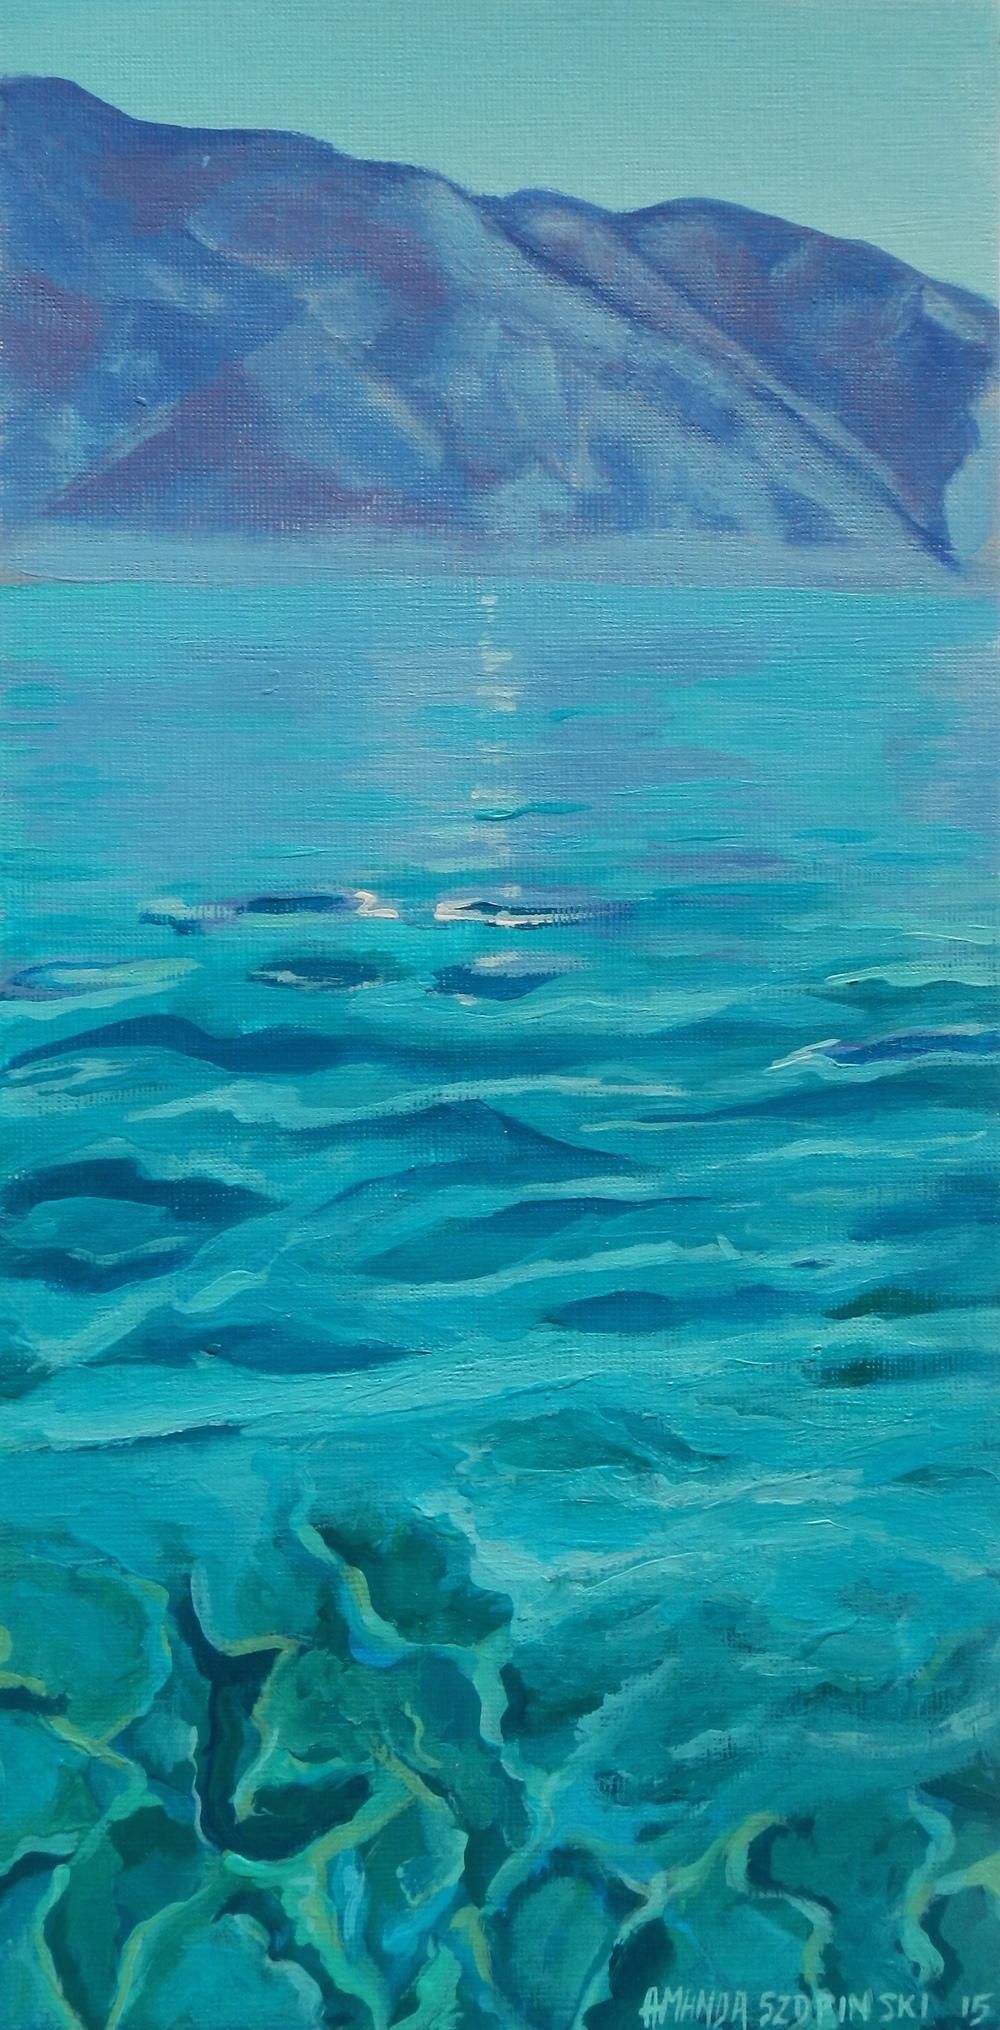 Sea to Sierras I   6 x 12 acrylic on canvas card stock  $150 (unframed)